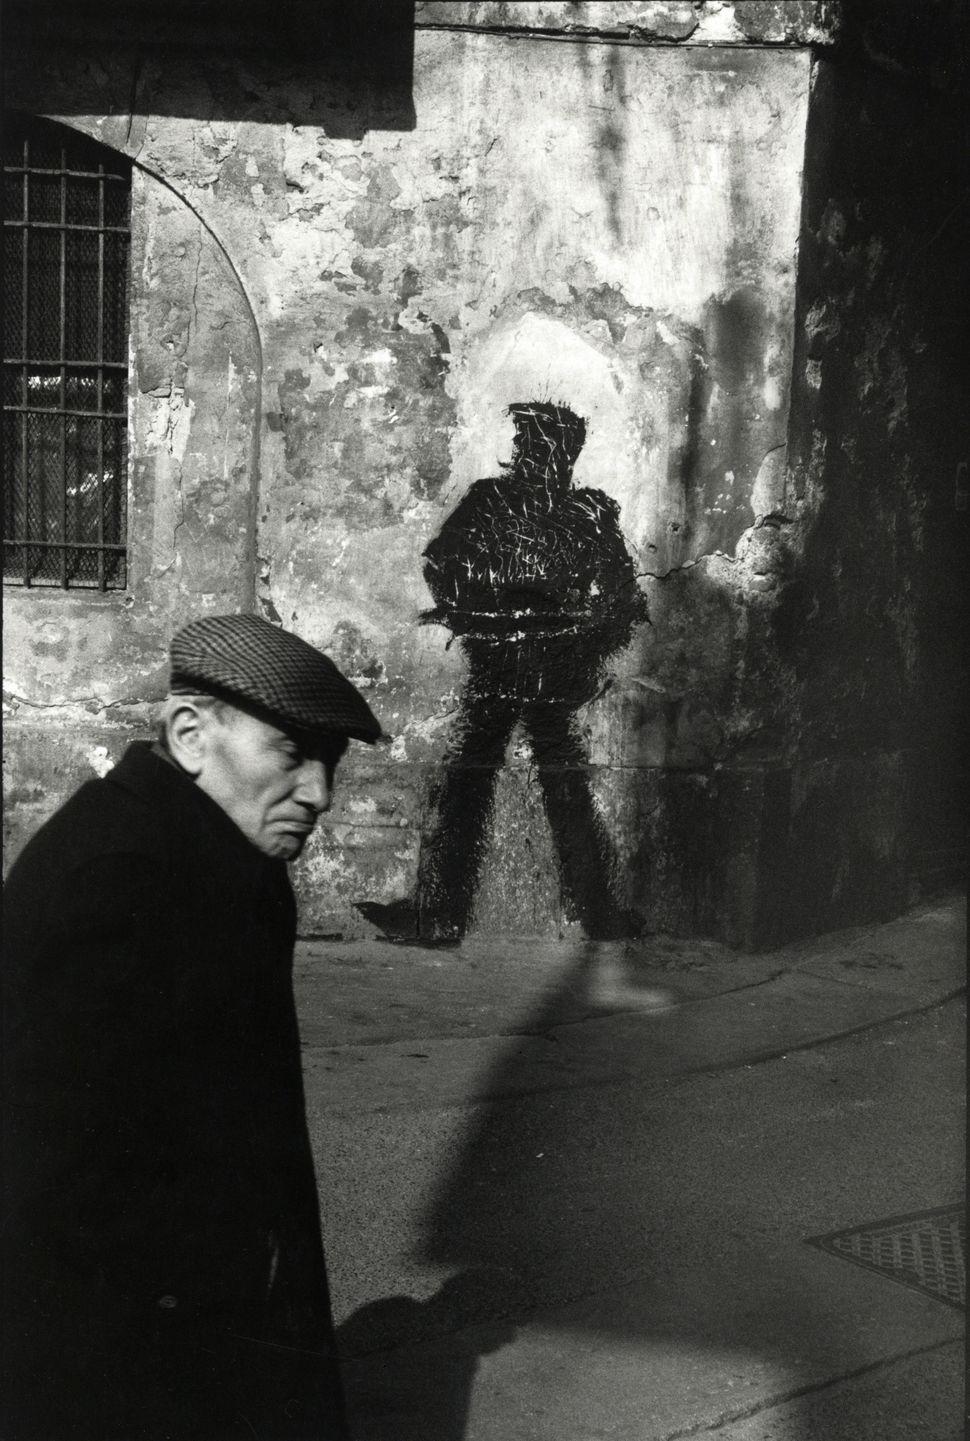 Monique Jacot, Milan, 1984, gelatin silver print, © Monique Jacot / Photo Foundation Switzerland, Winterthur